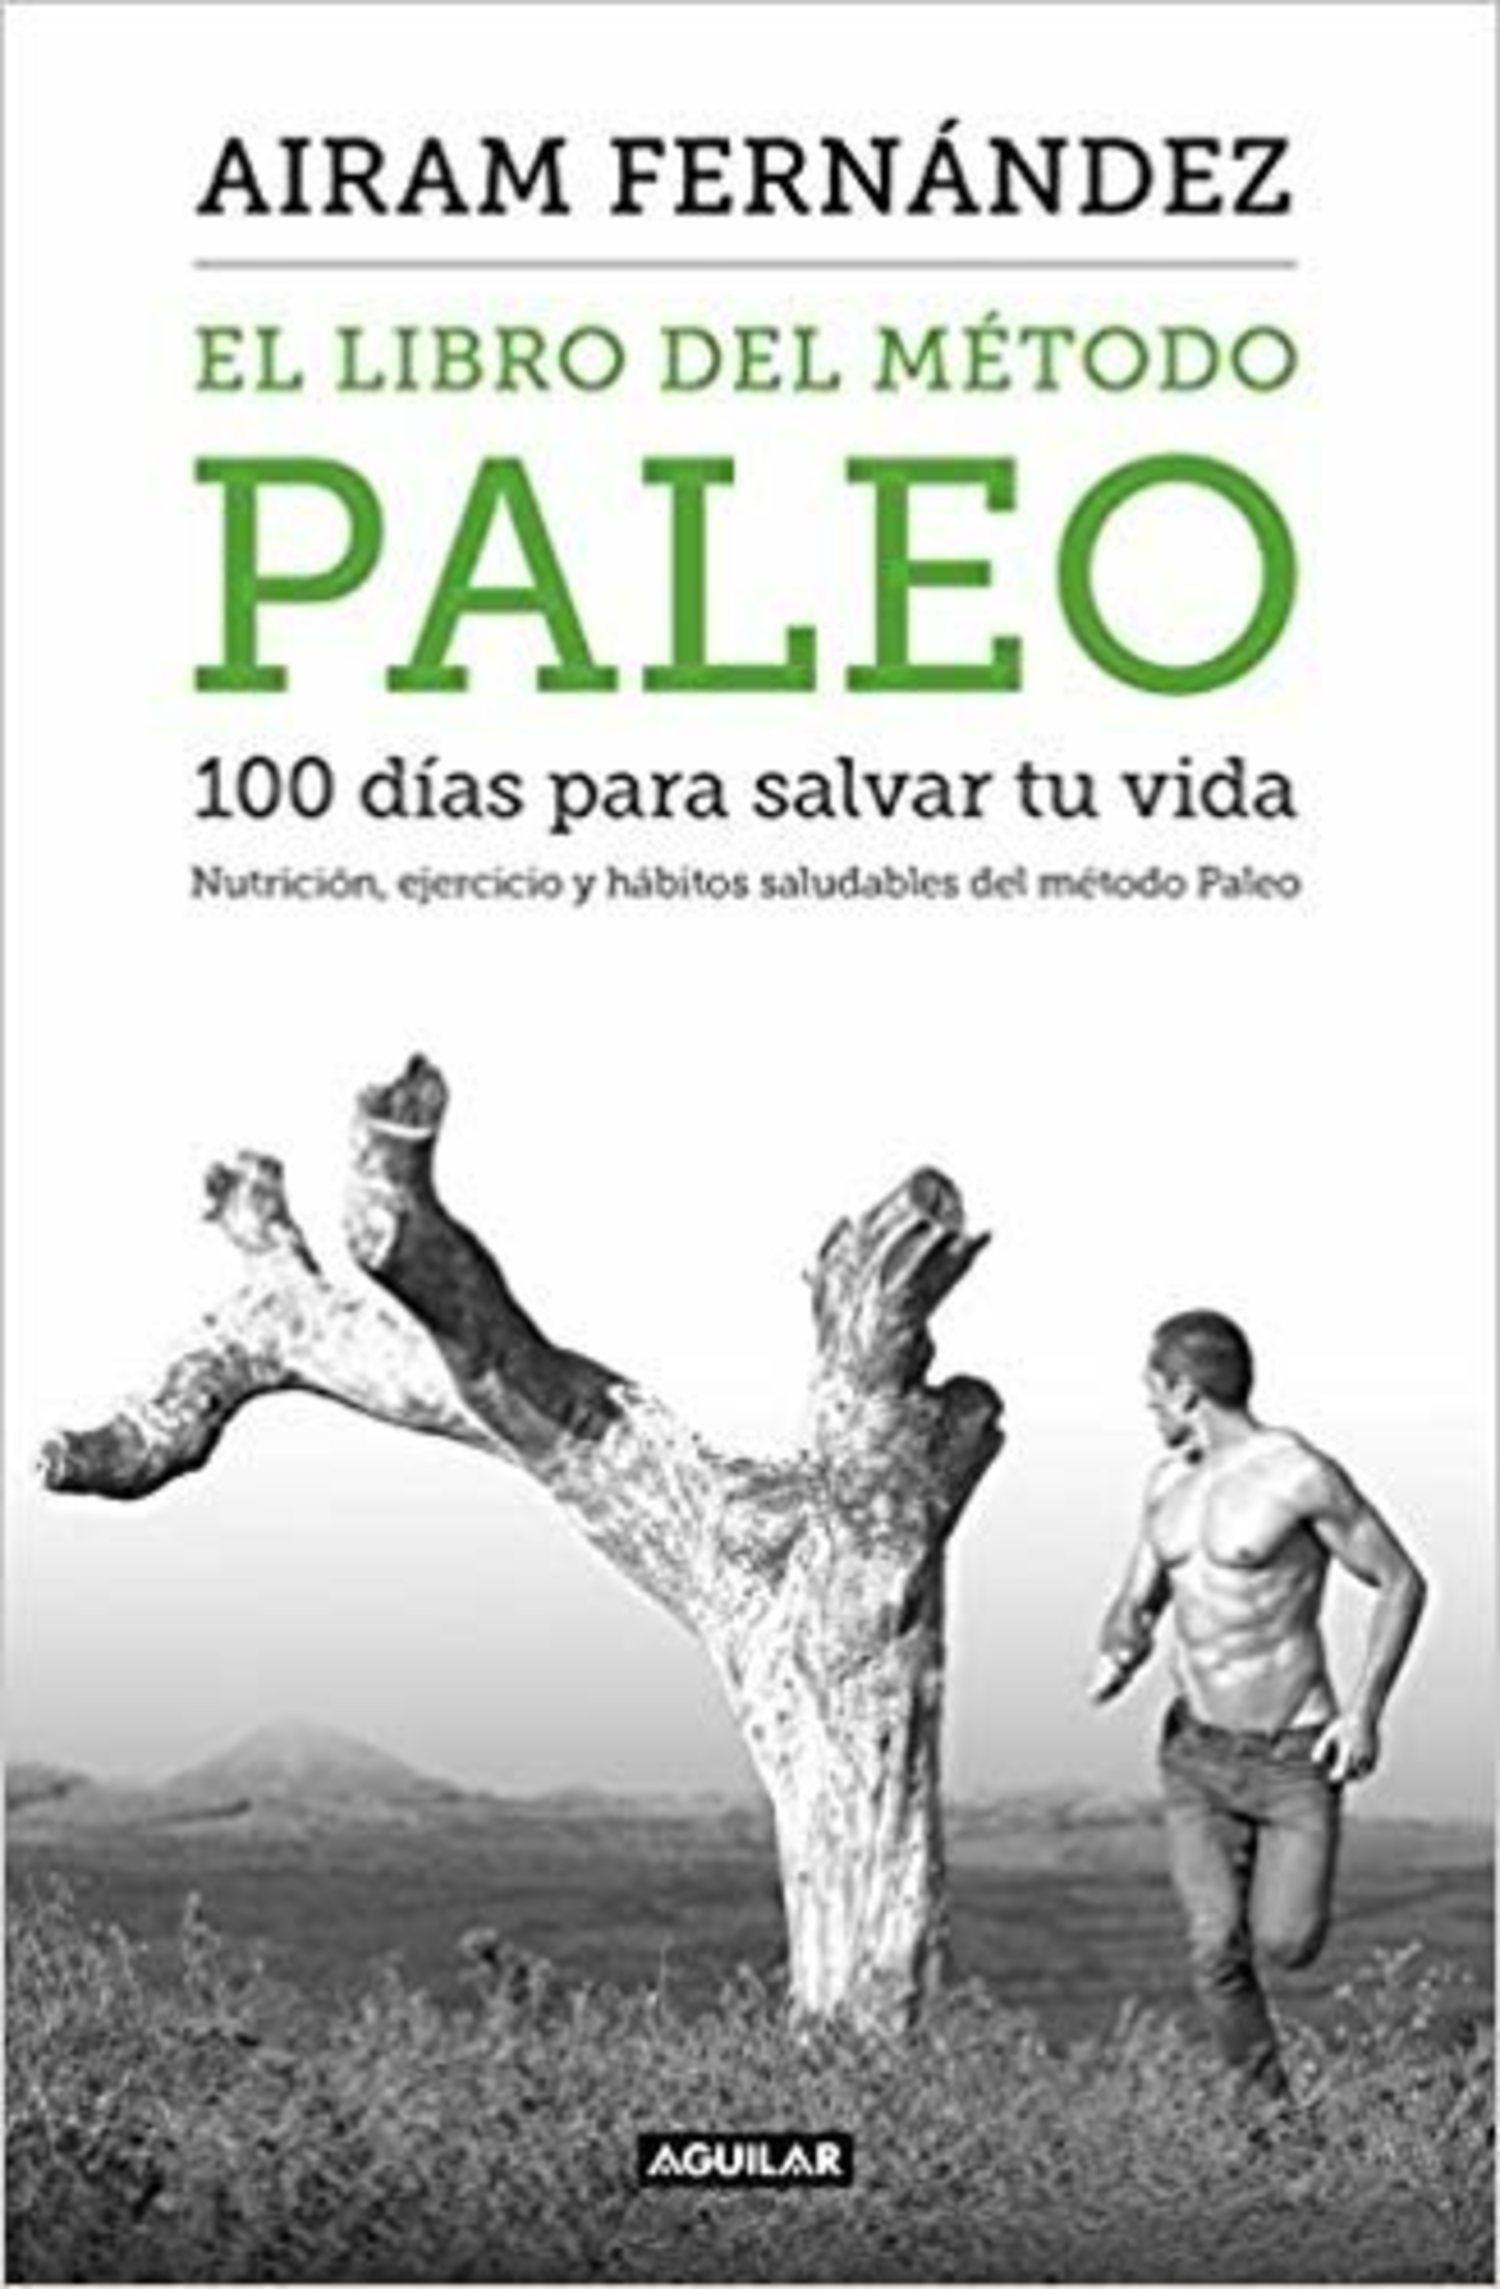 '100 días para salvar tu vida', de Airam Fernández, creador del paleotraining.